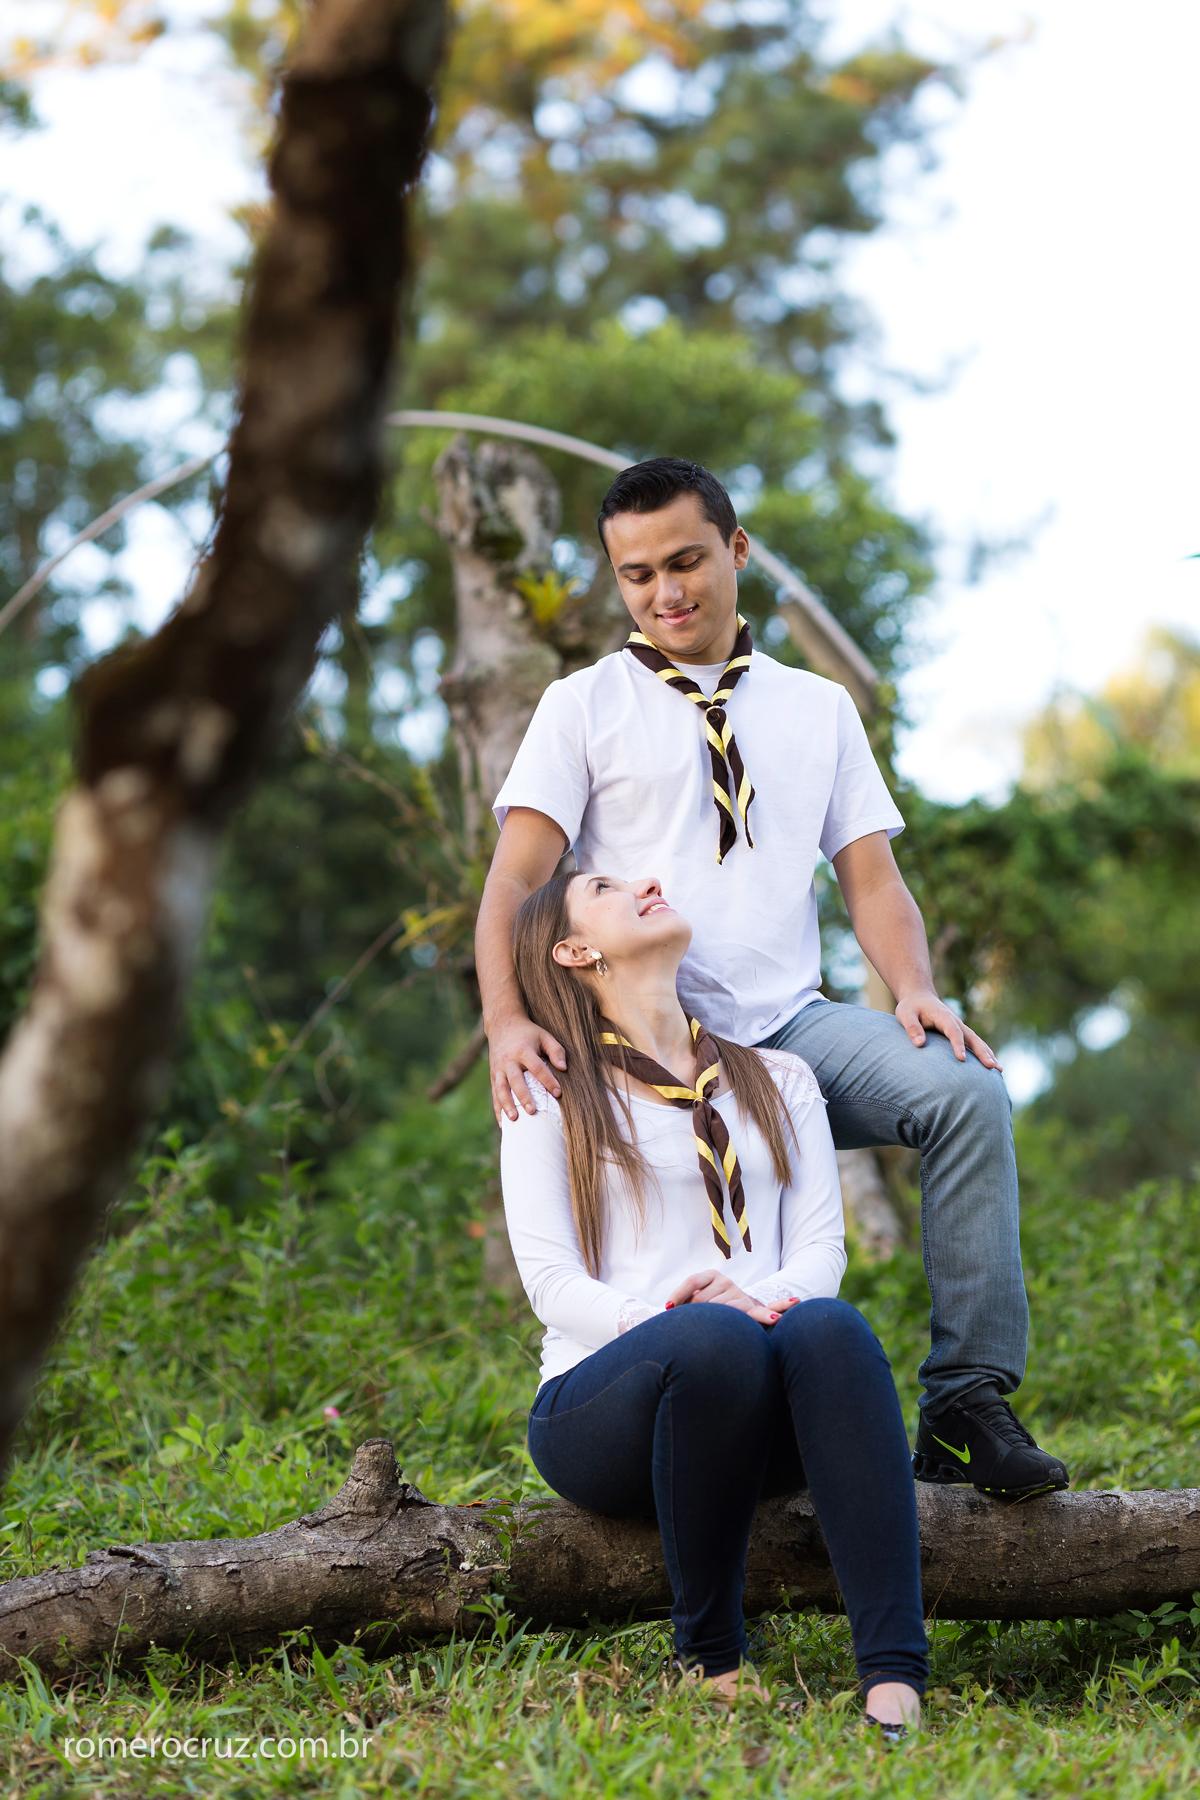 Casal em ensaio fotográfico feito por Romero Cruz